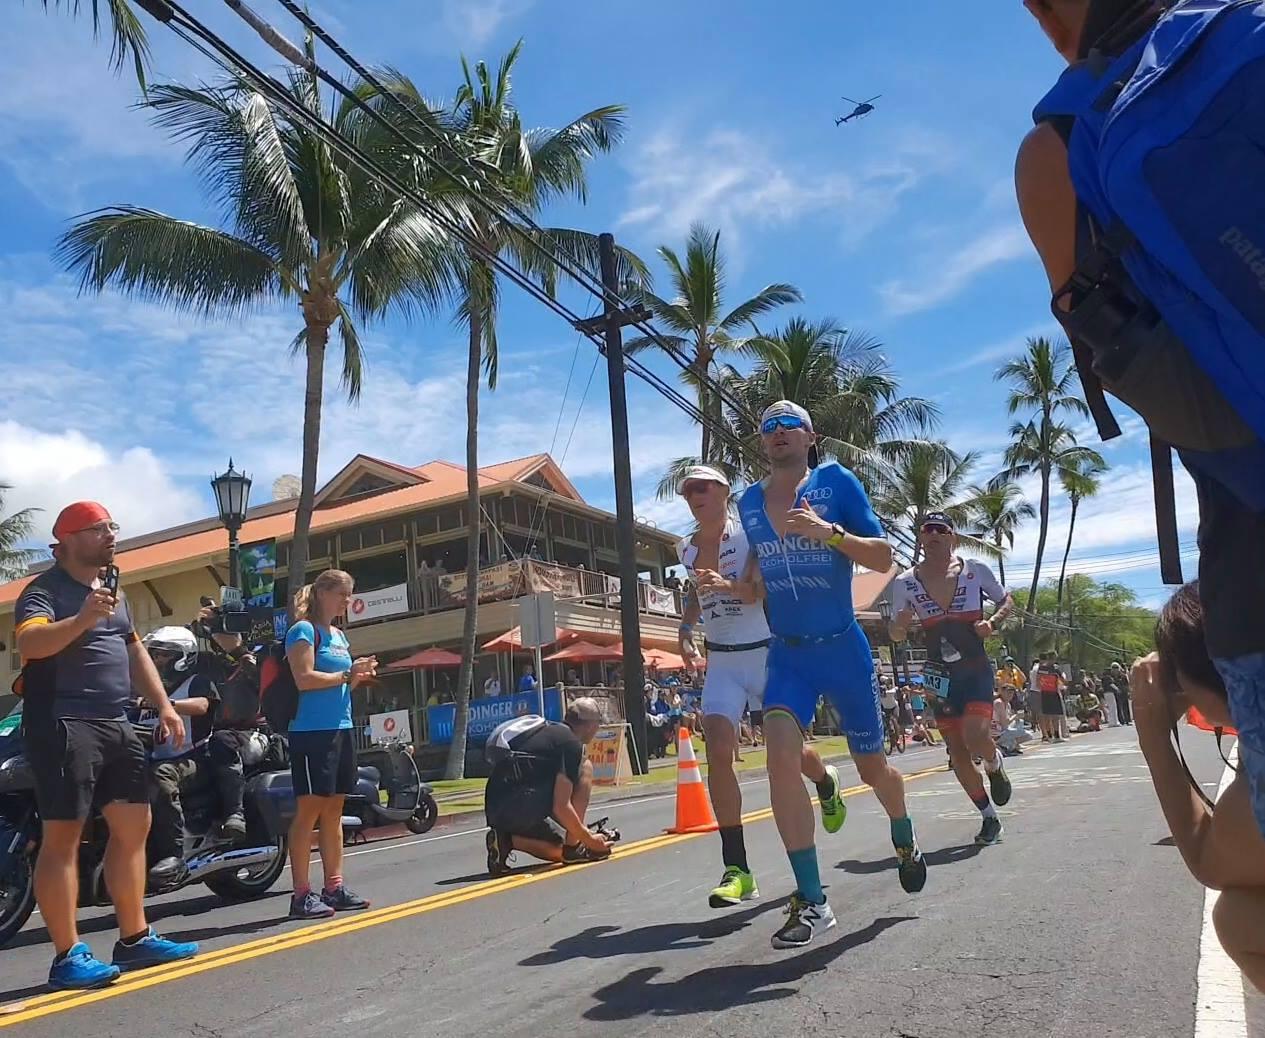 Patrick Lange auf der Laufstrecke beim Ironman Hawaii 2018